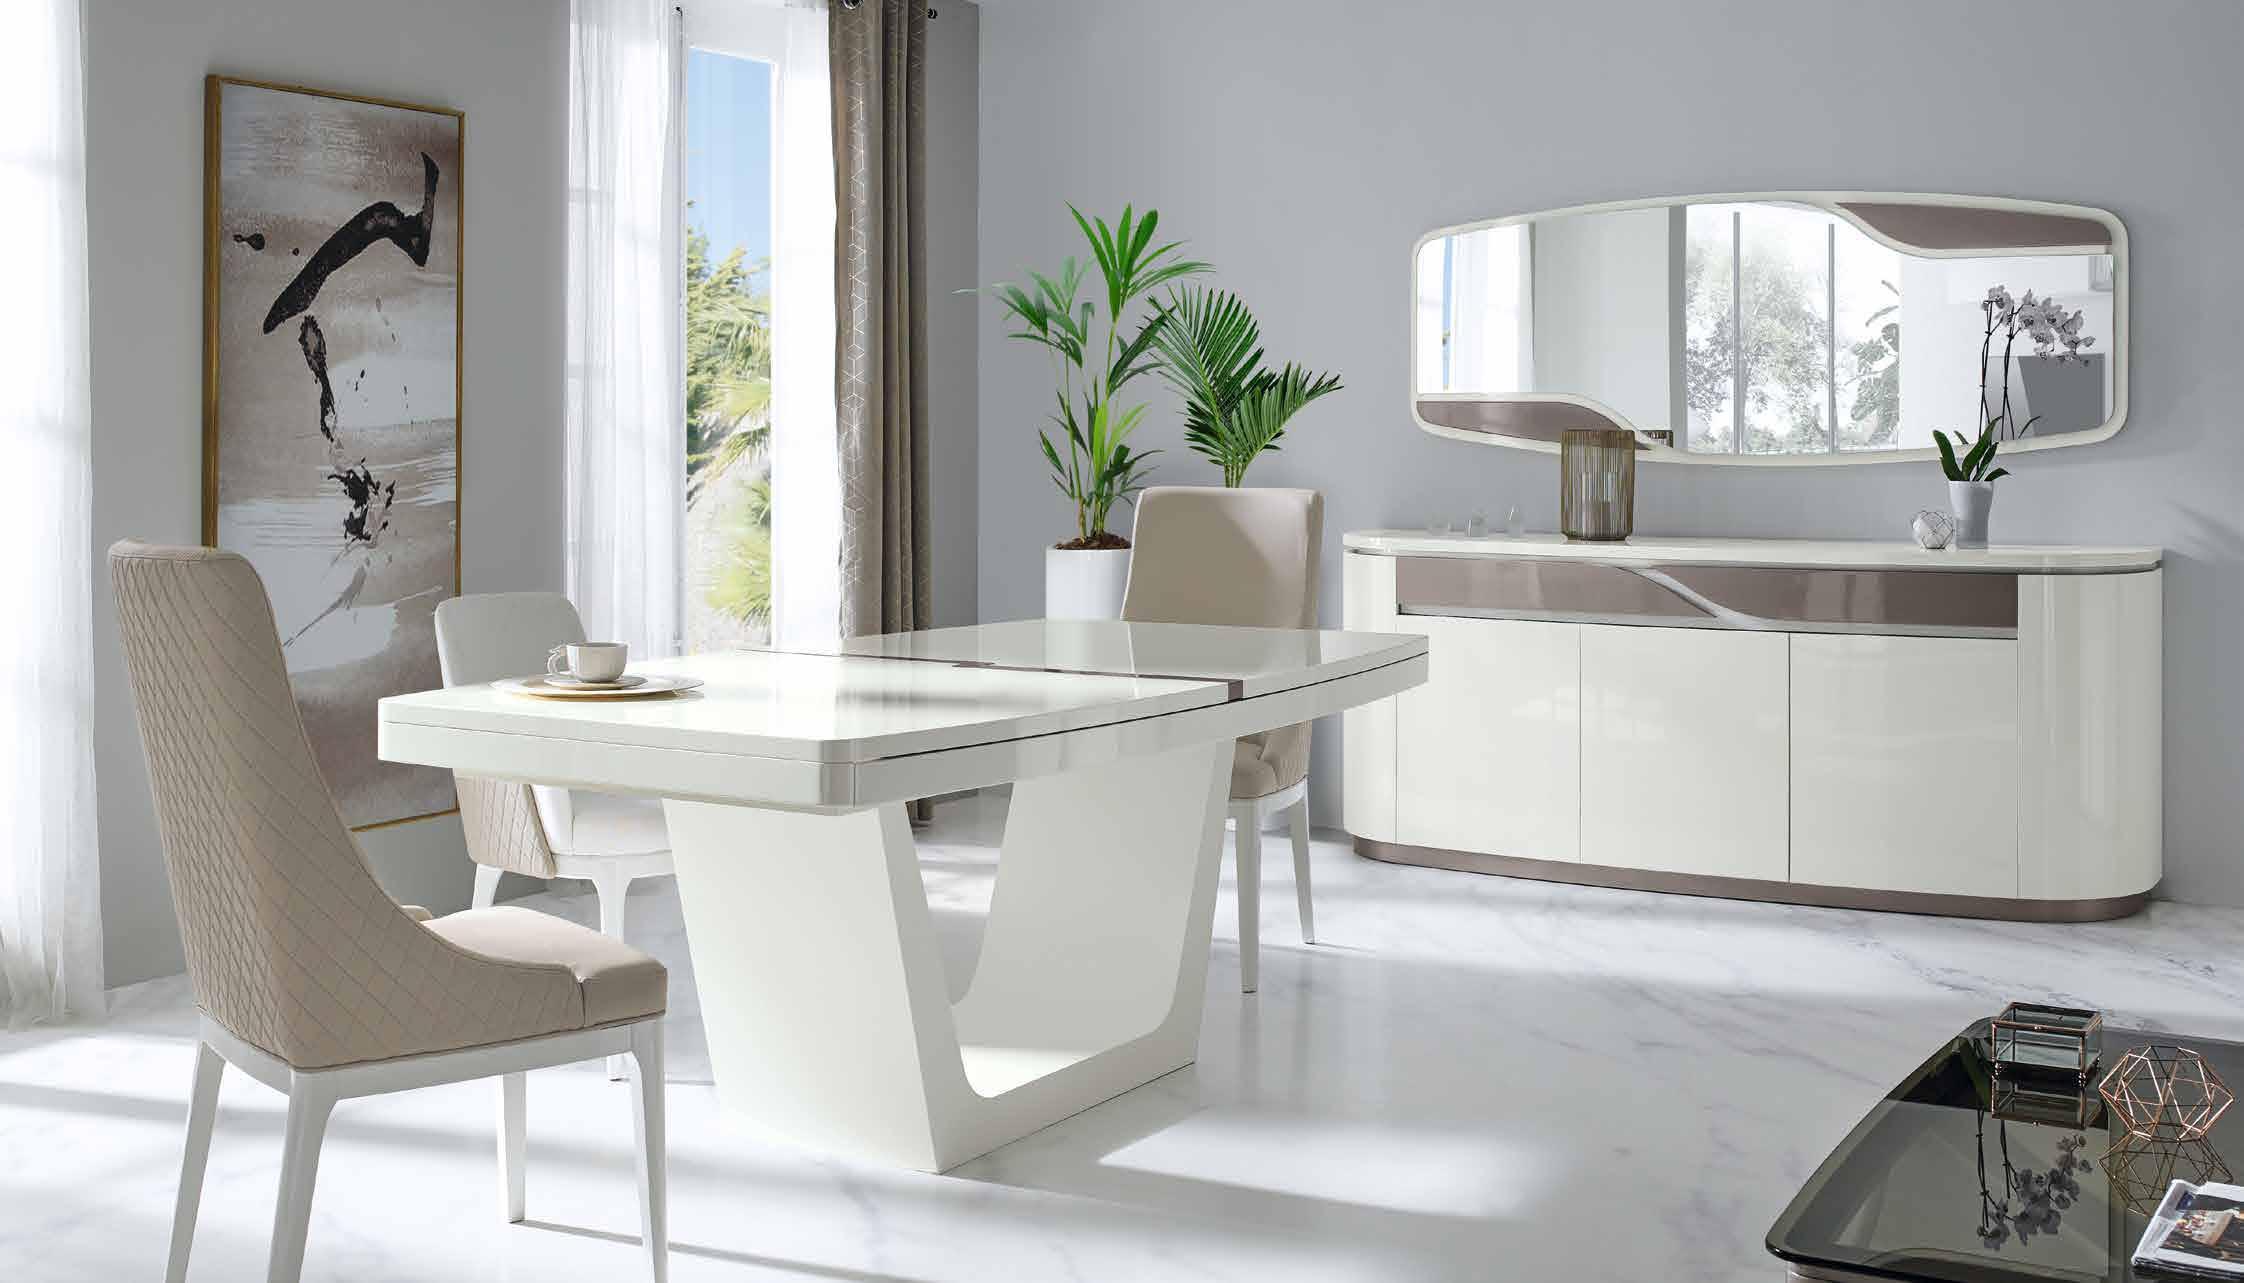 Meubles portugais - salle à manger, table, chaises, bufet, enfilade